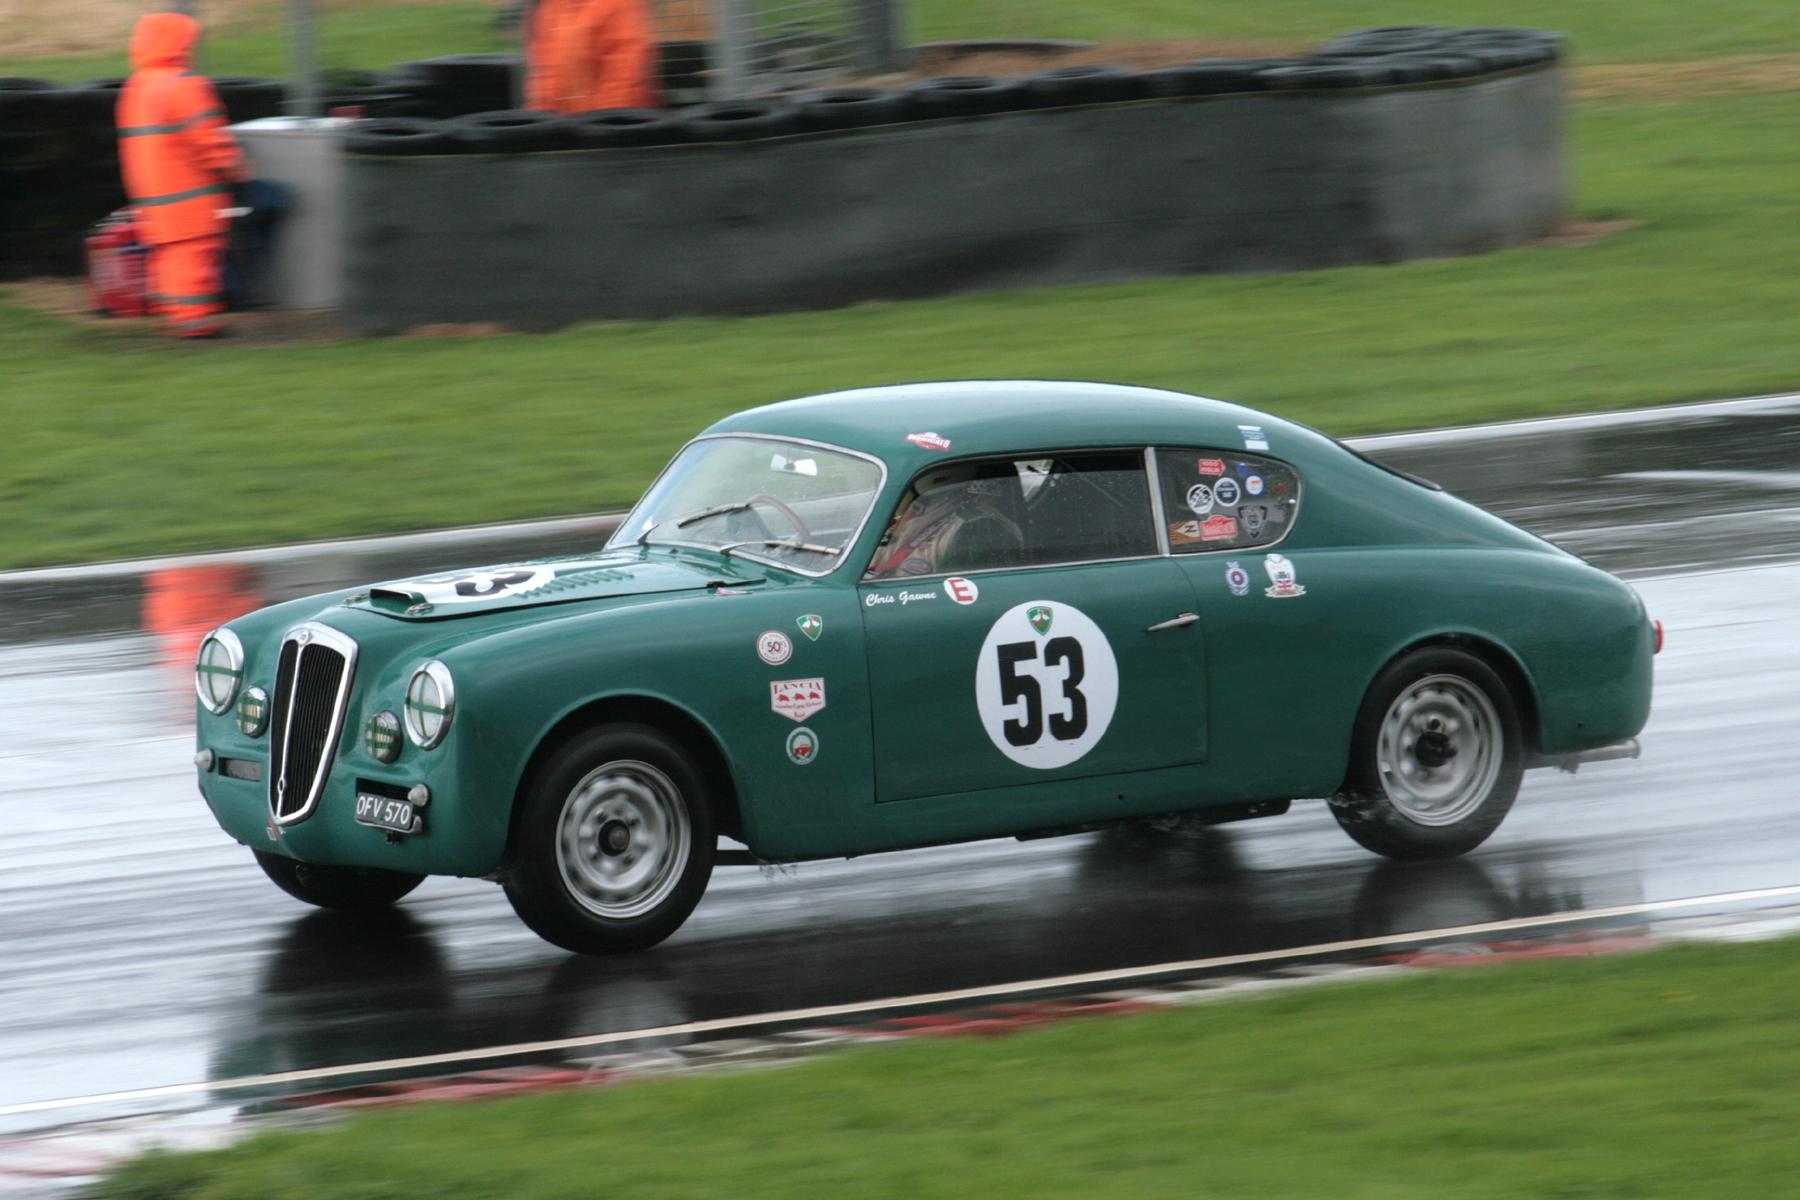 It's been good to see Chris Gawne return to us this year in his Lancia Aurelia B2oGT  Photo - John Turner.